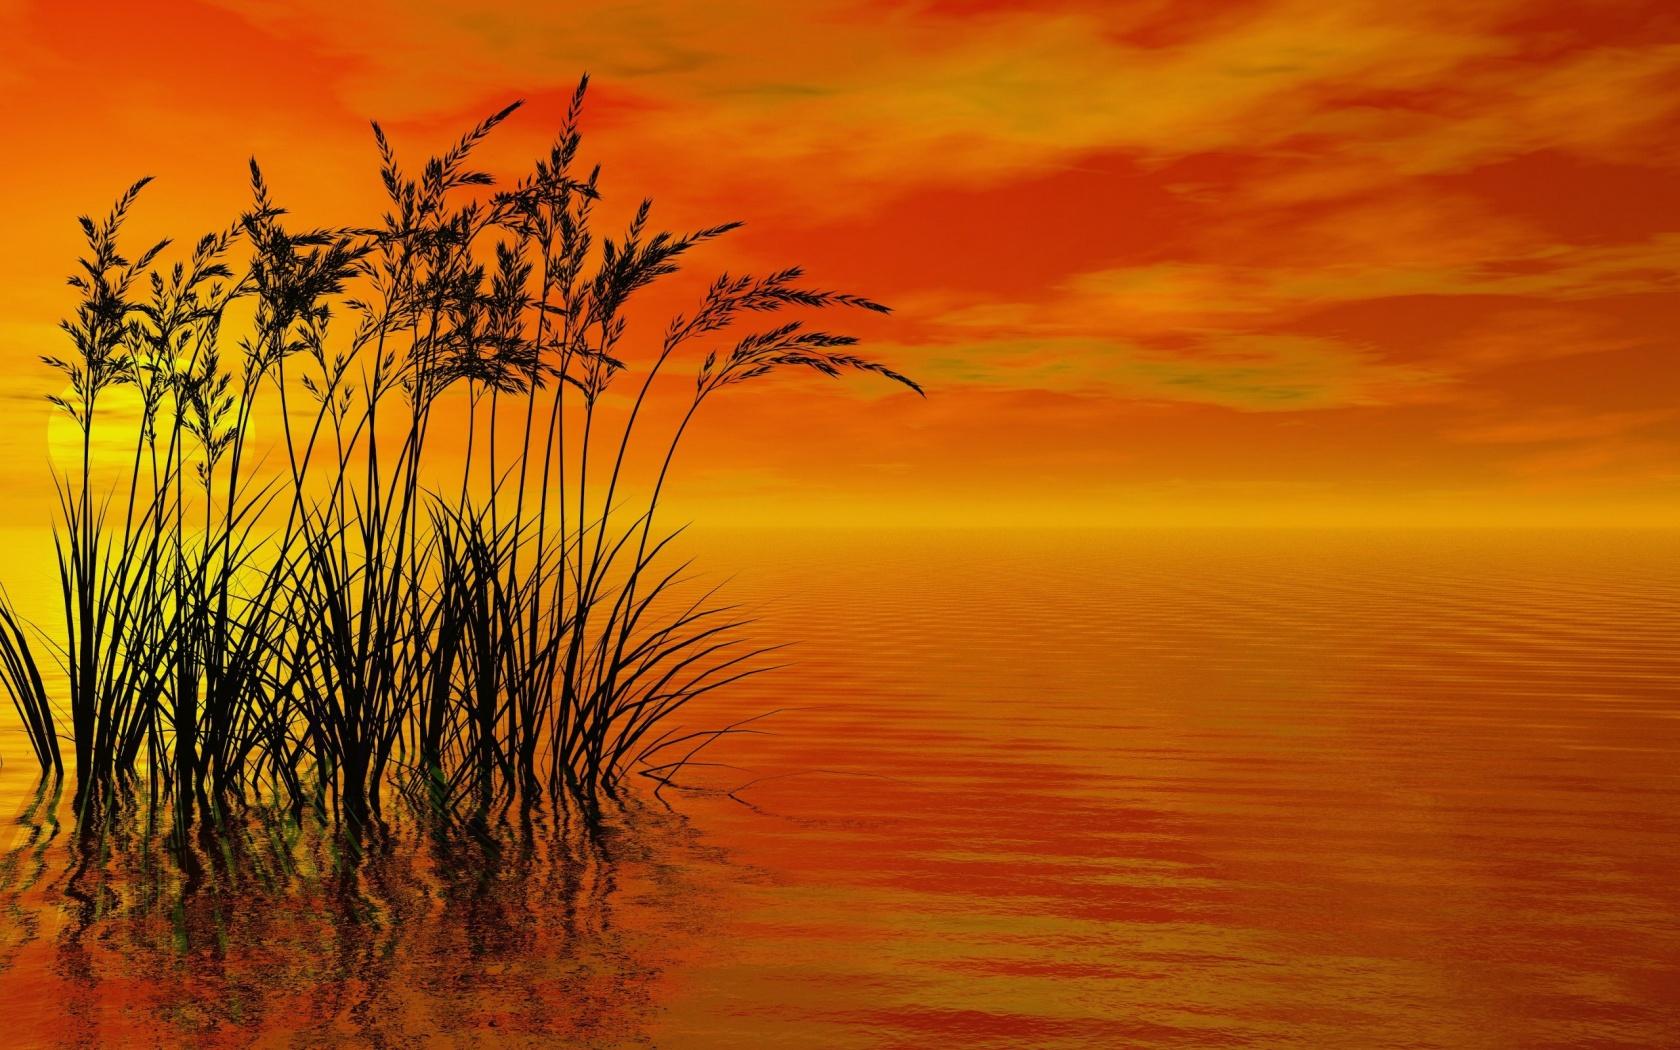 Windows 8 Wallpaper 3D Sunset Render wallpapers x 1680x1050